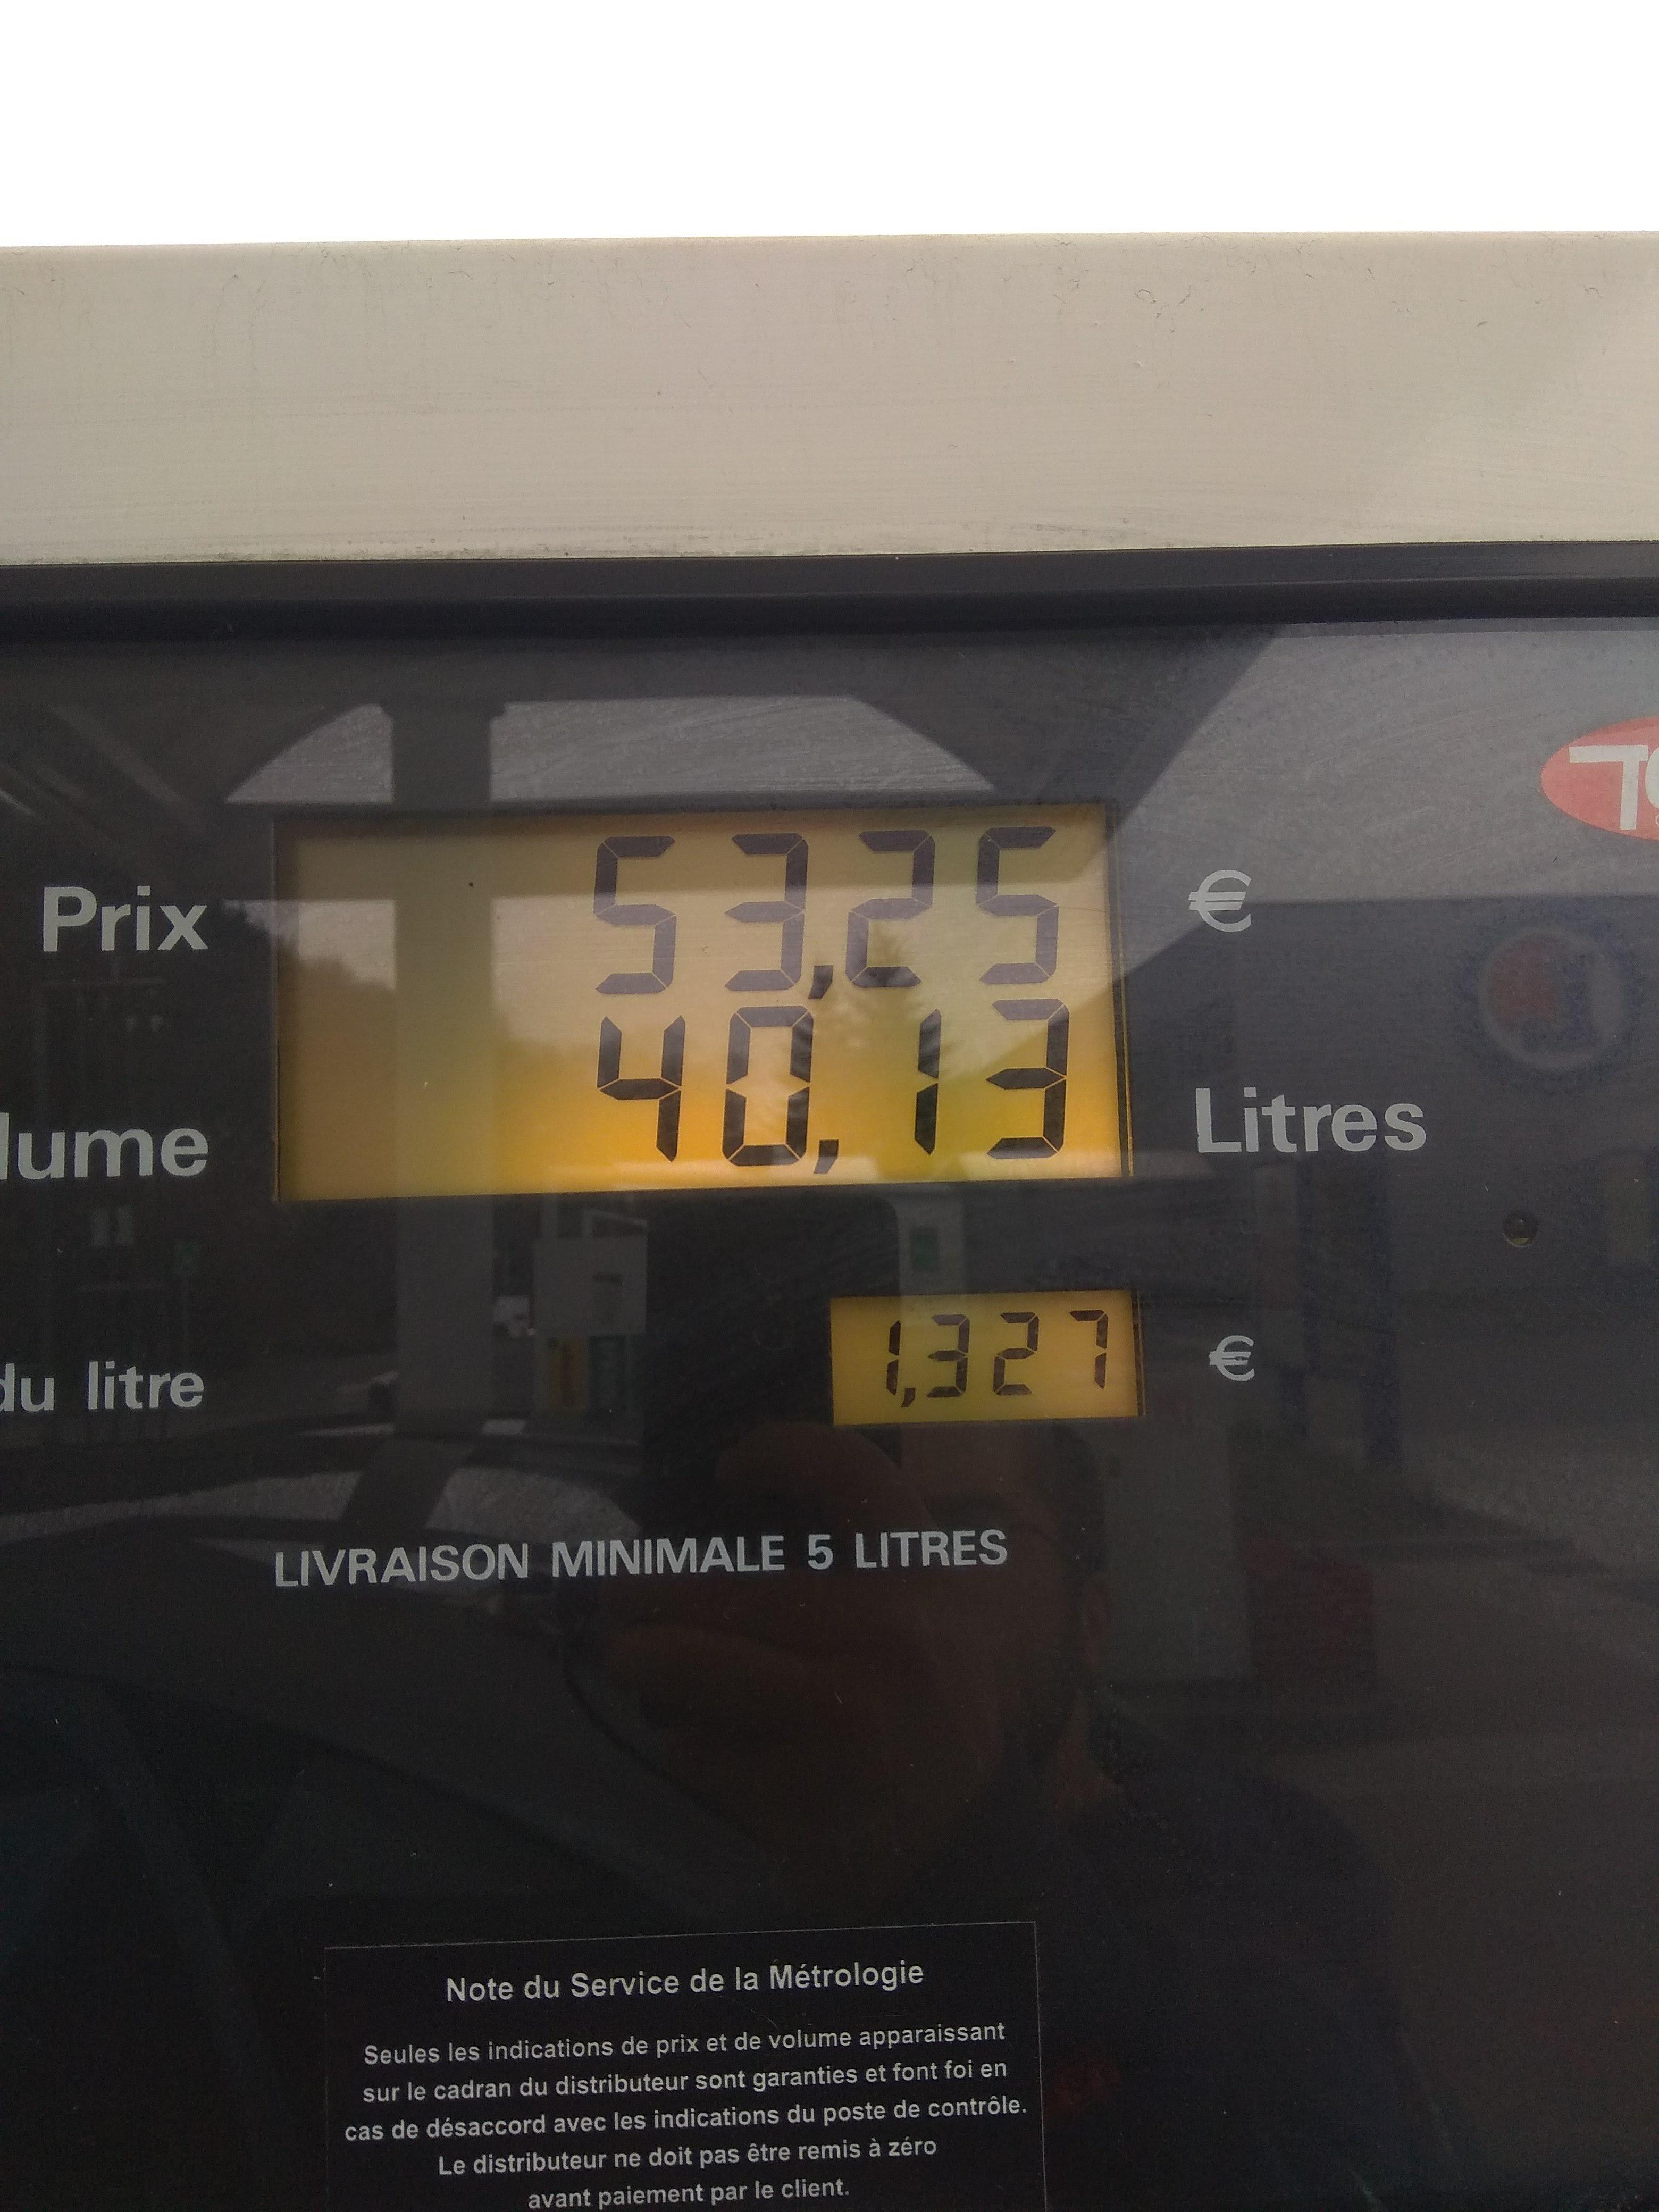 Carburant prix coûtant - Saint-Loup (69)